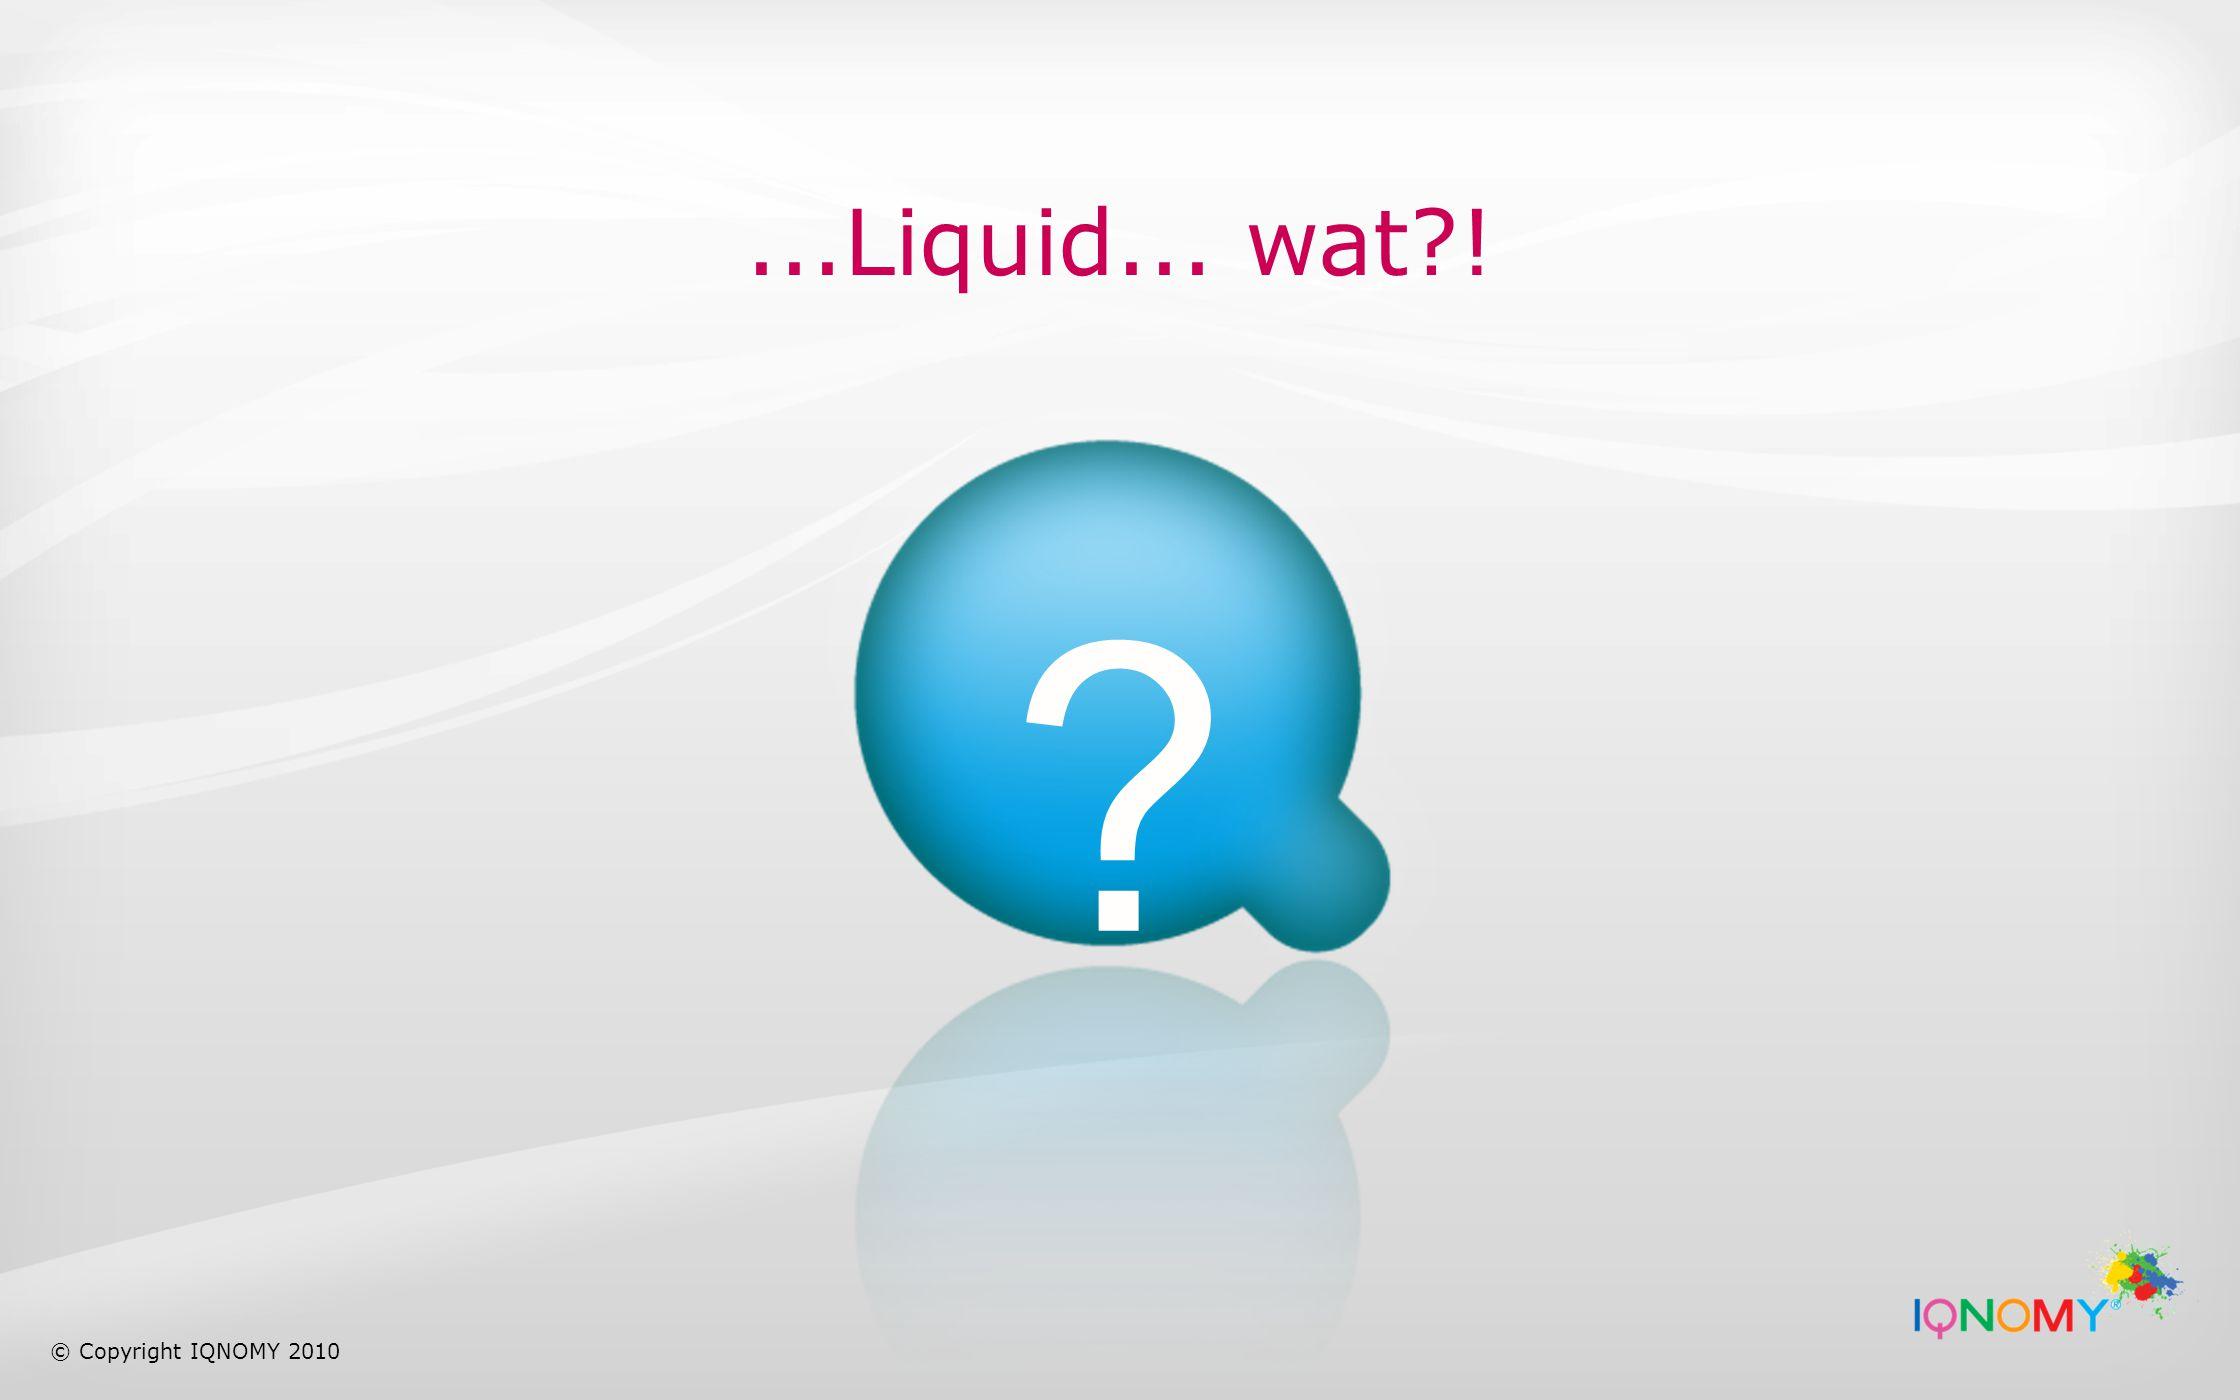 IQNOMY's Liquid Internet Liquid Internet is de benaming voor een volstrekt nieuwe stroming websites waarvan de inhoud niet langer meer een vaste plek en vaste vorm heeft.